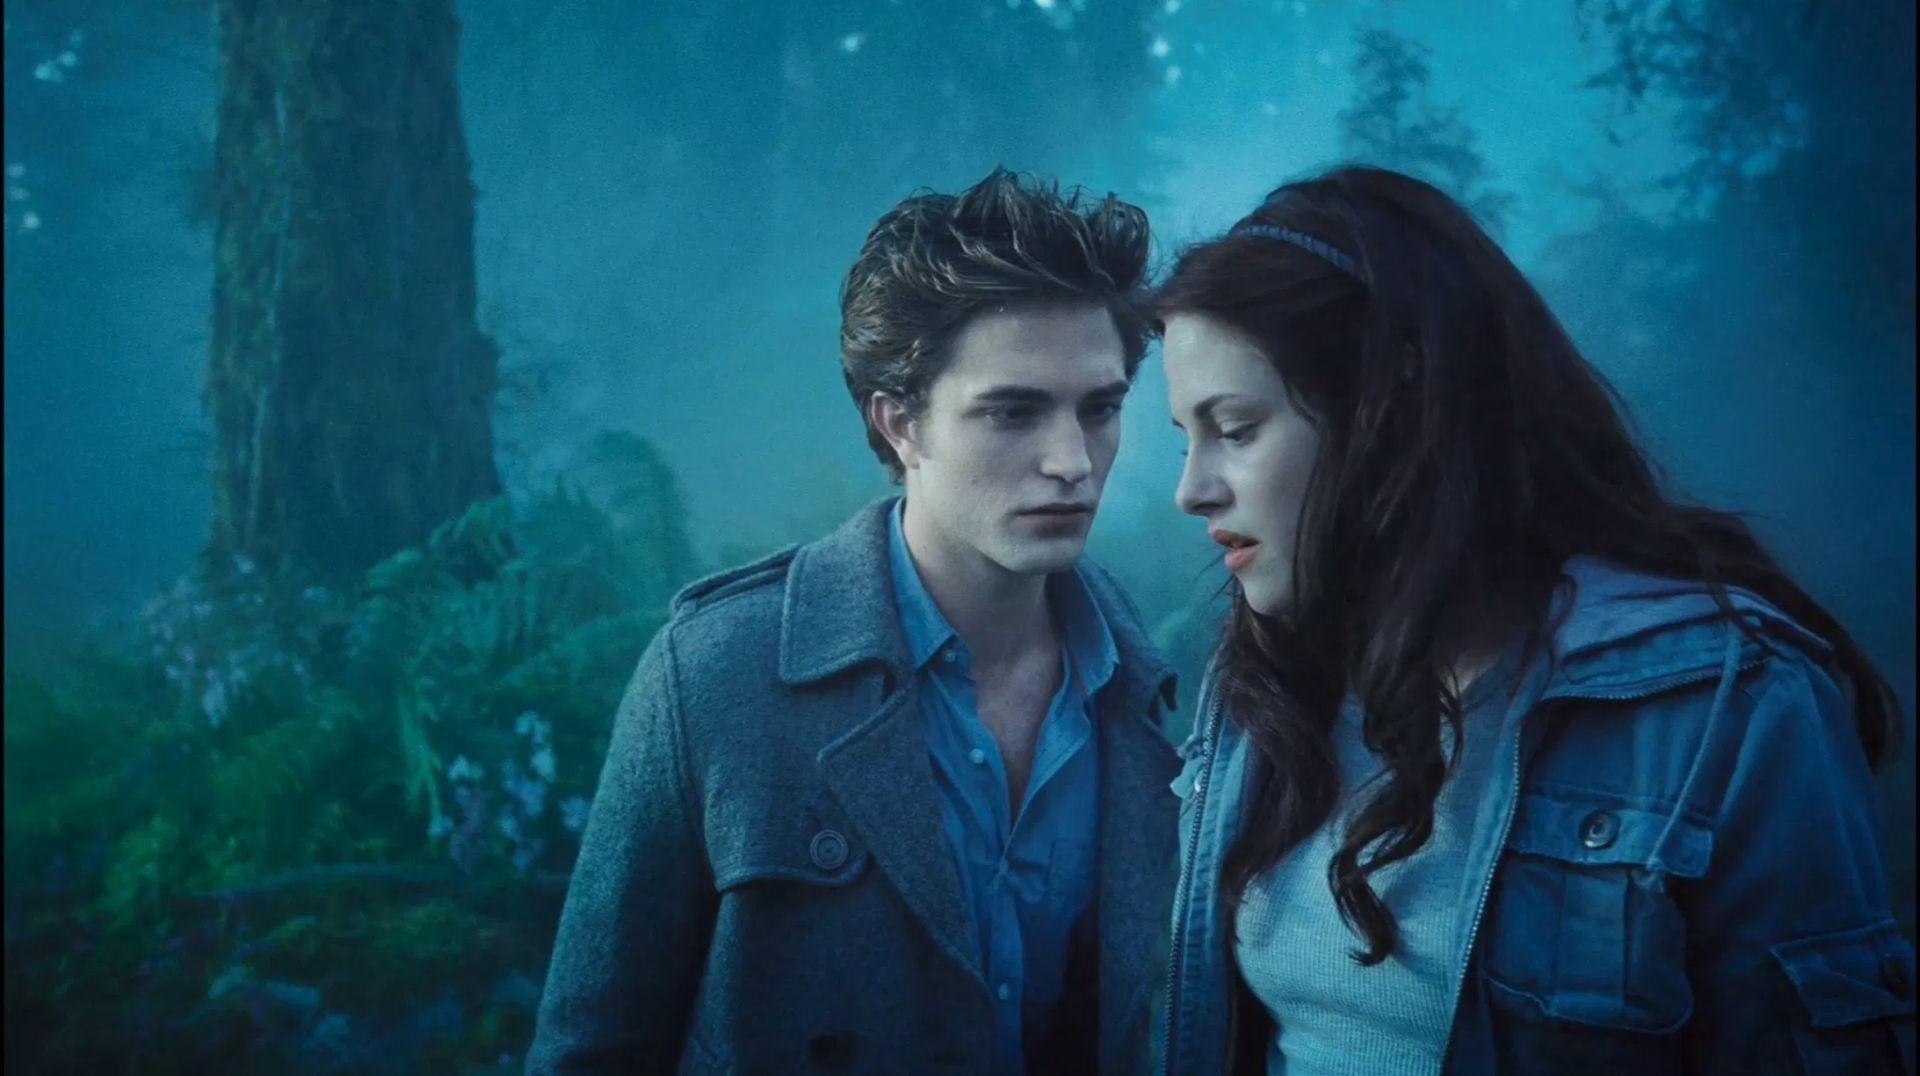 《暮光之城》的愛德華與貝拉。